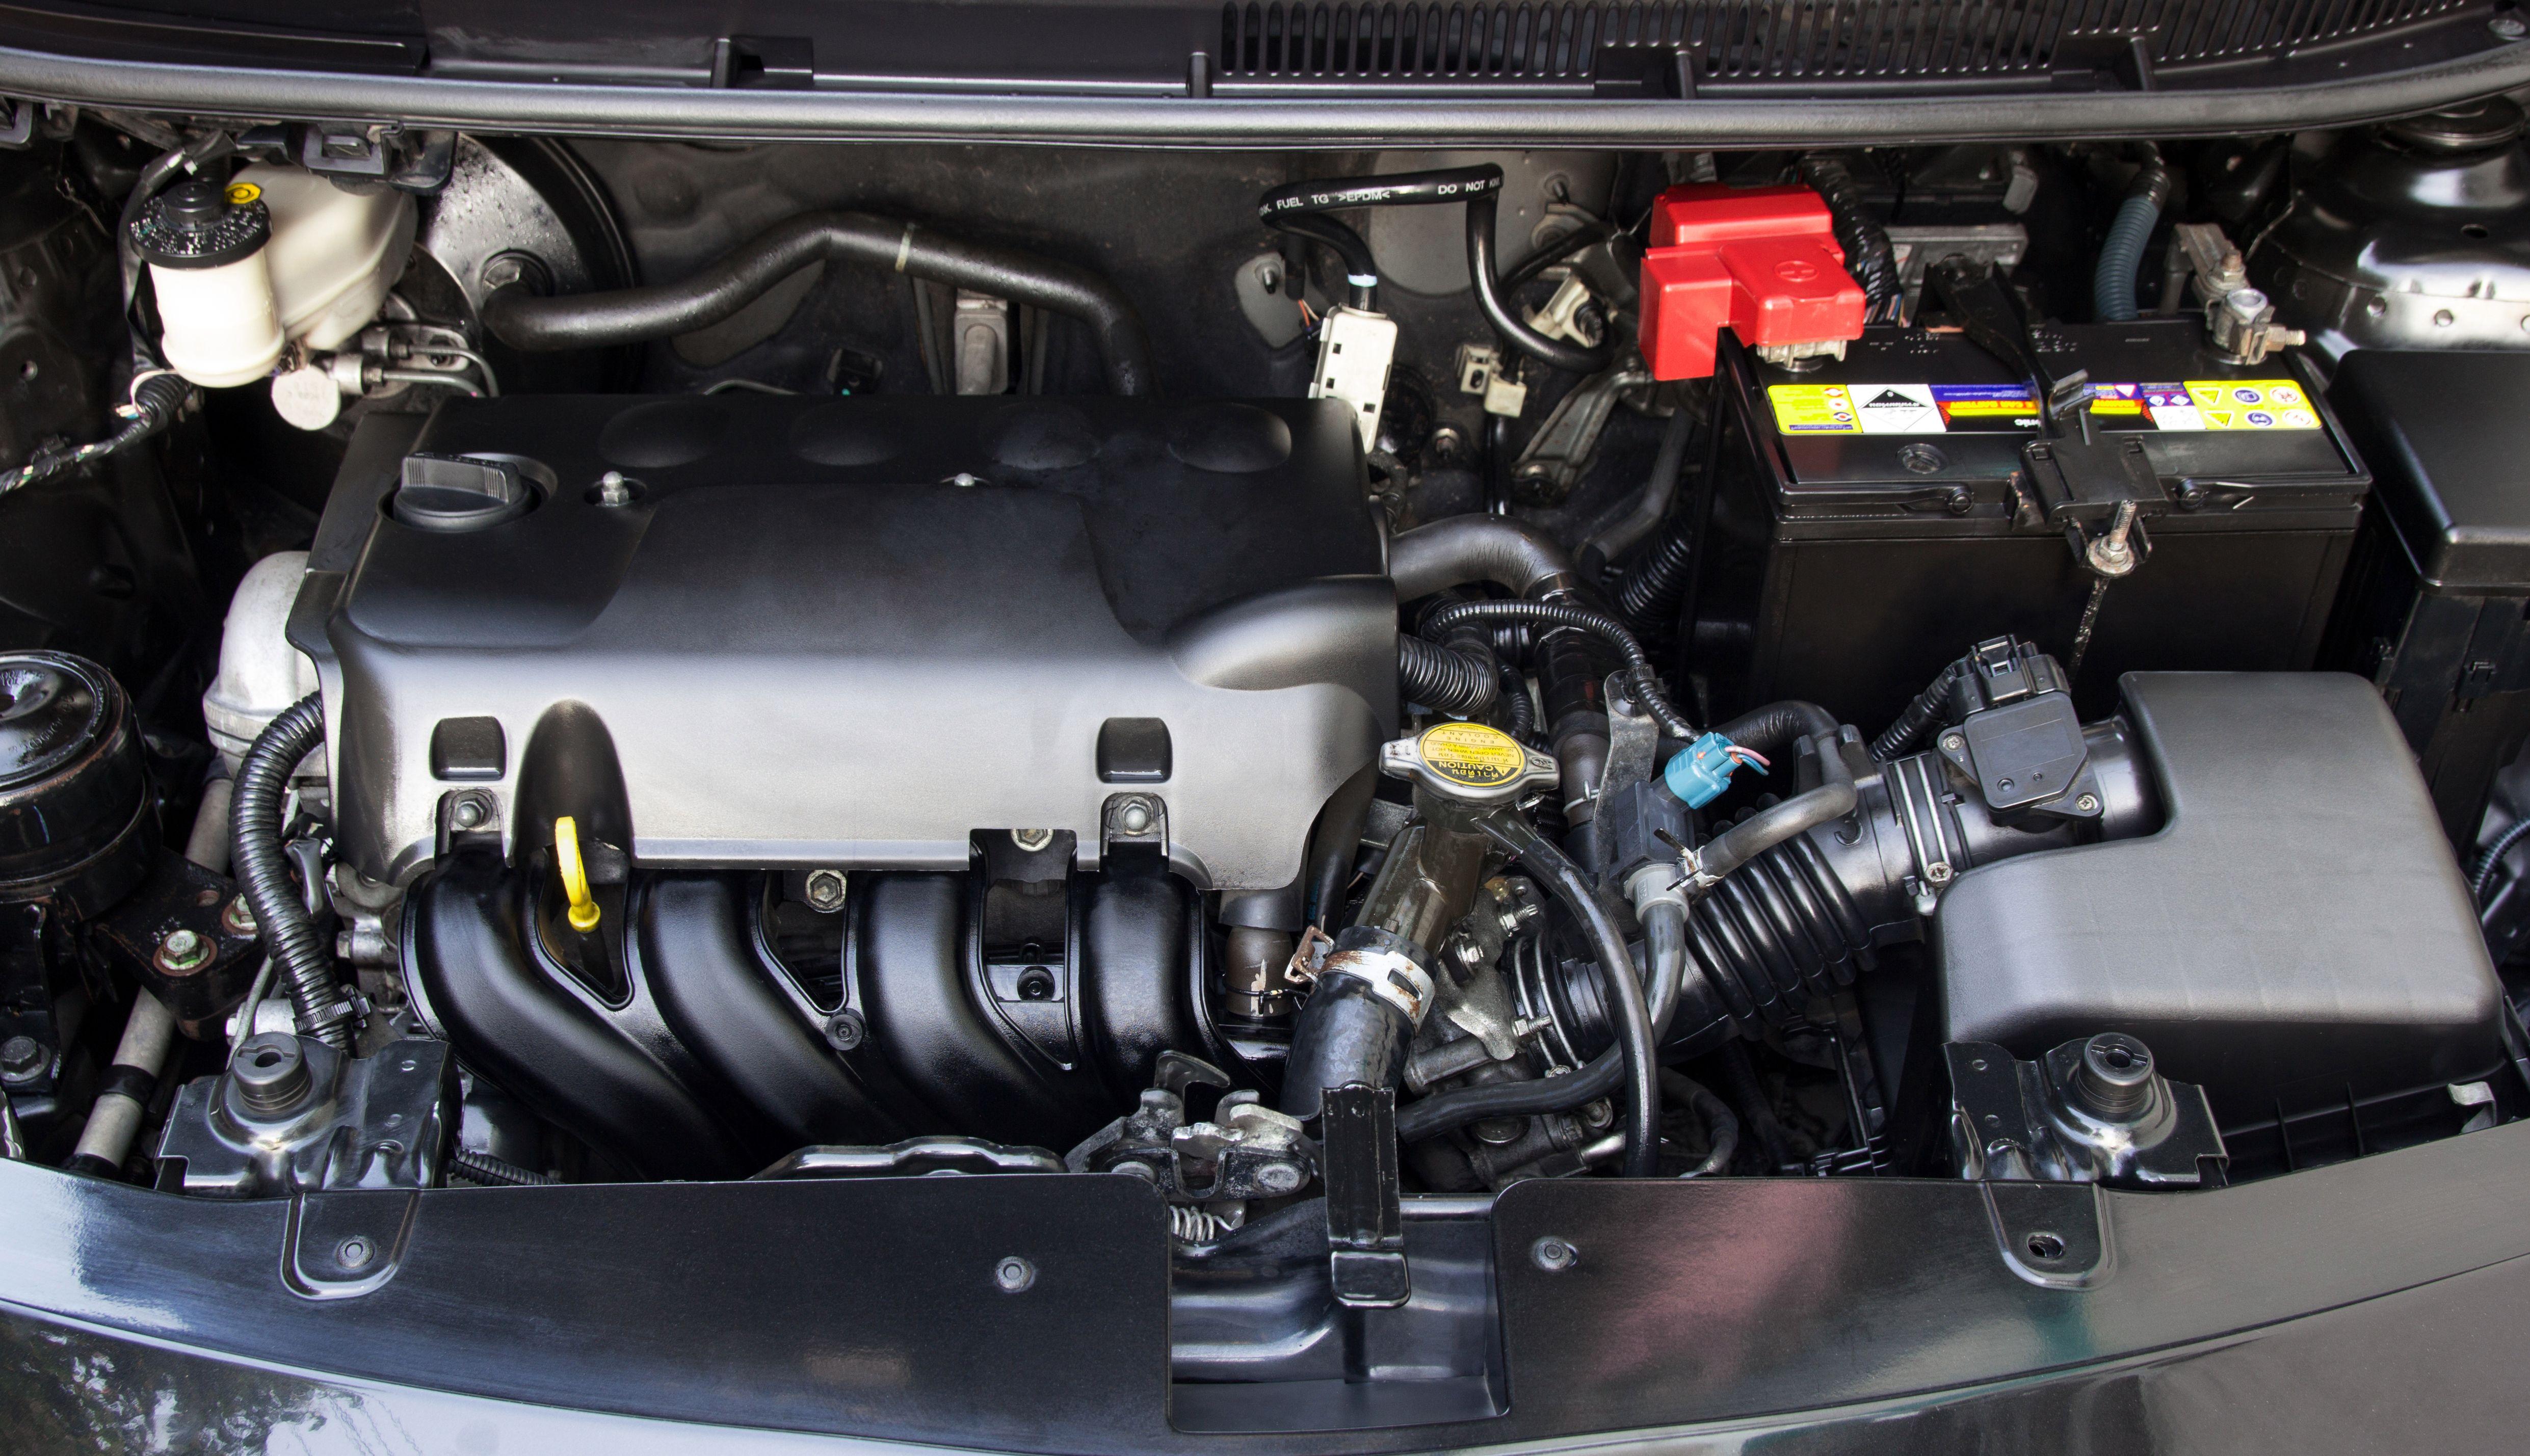 Inyección: Catálogo de Auto Diesel Lema